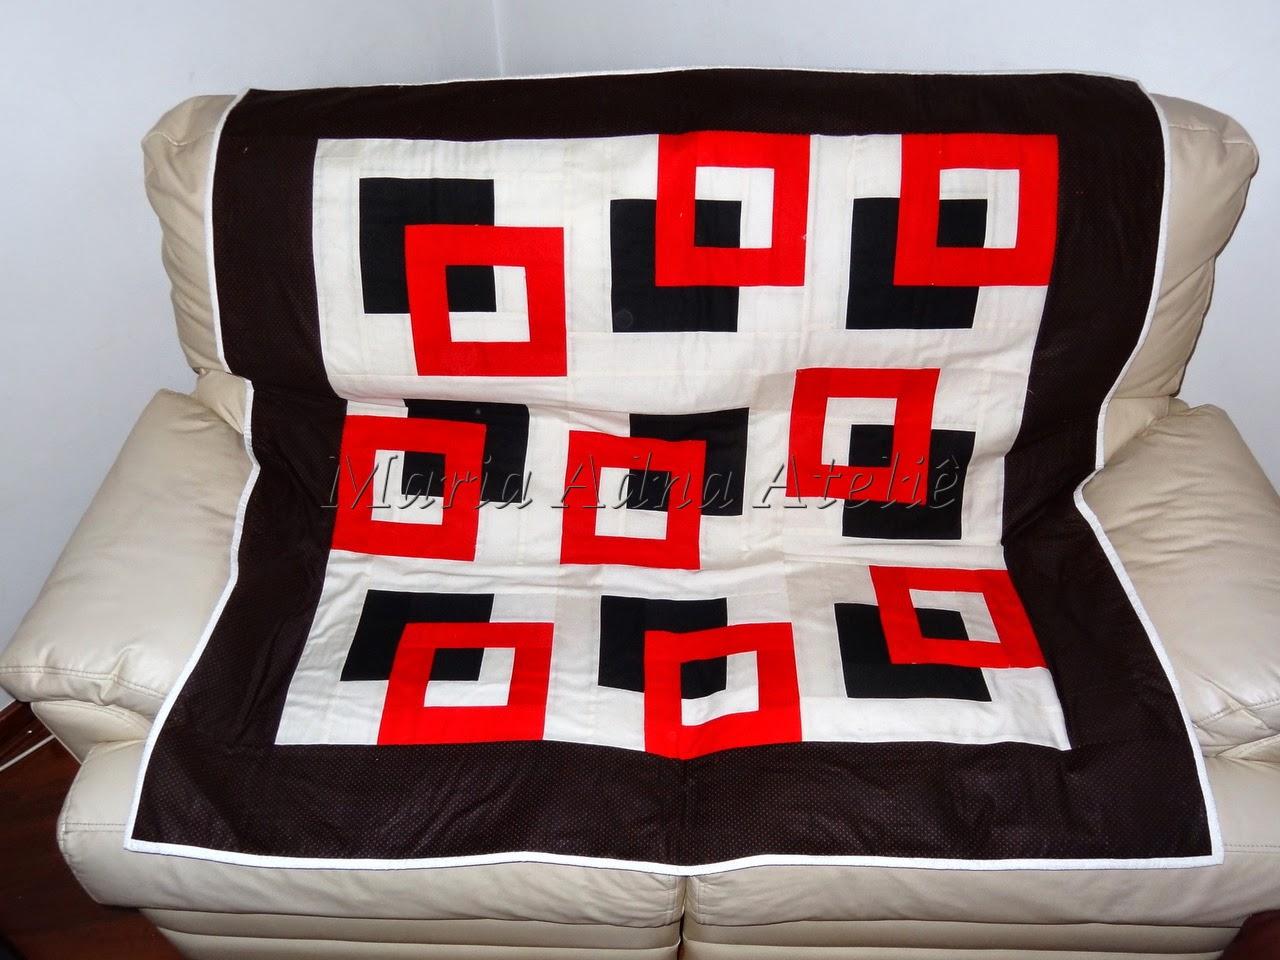 Manta. Mantas, Patchwork, Manta sofá, Mantas sofá, Manta patchwork, Mantas patchwork, Colcha, Colcha sofá, Colcha patchwork